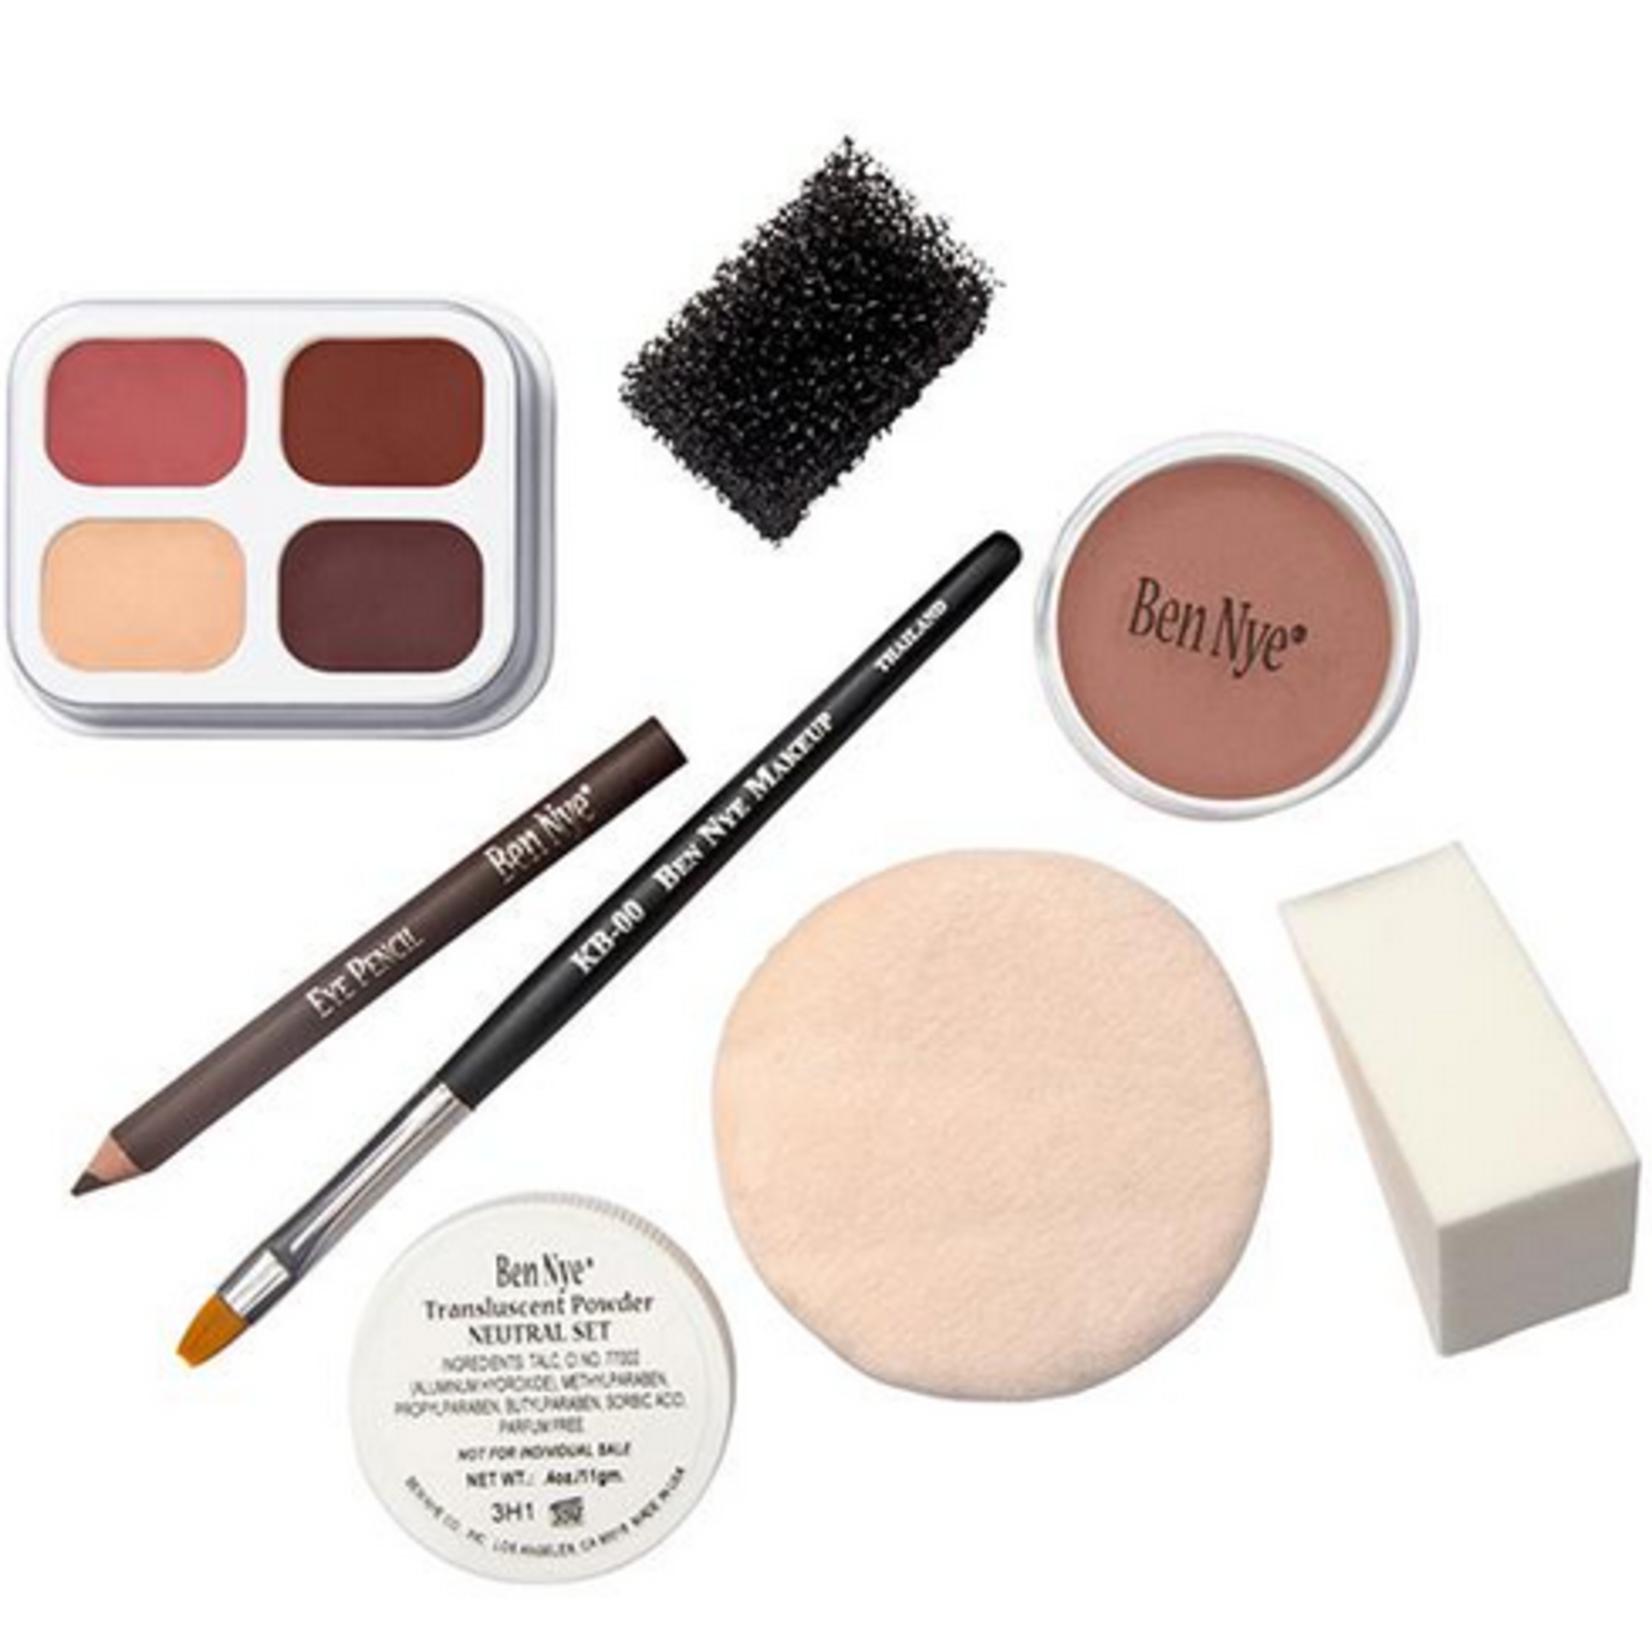 Ben Nye Ben Nye Personal Stage Make-up Kit